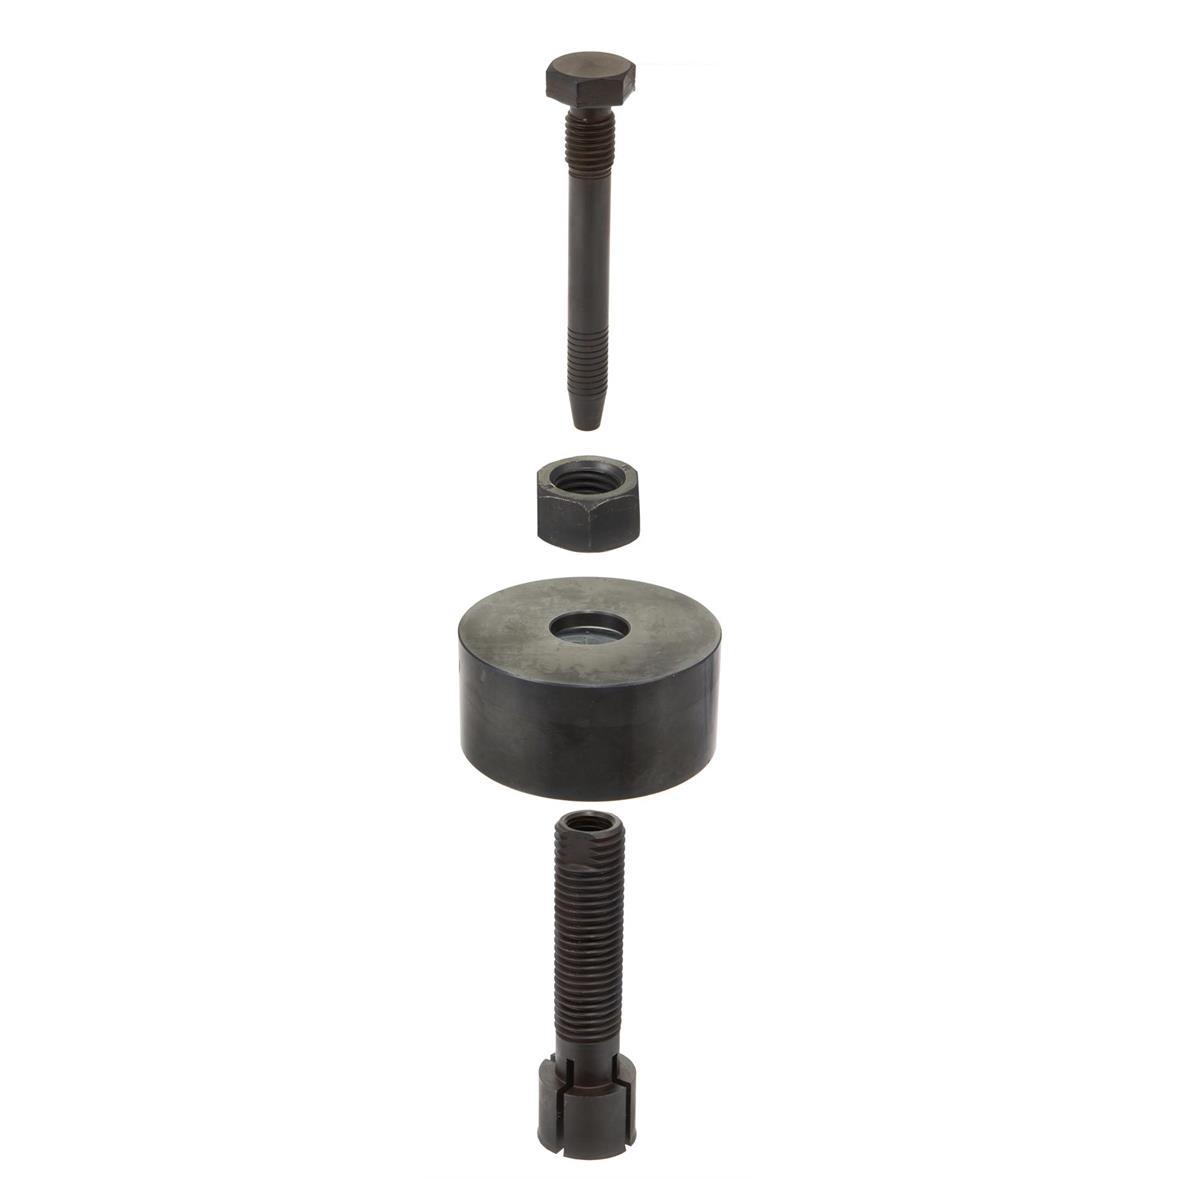 Εικόνα προϊόντος για 'Εργαλείο, εξολκέας SIP για έδρανο κύλισης LIMA περιβλήματος κινητήραTitle'